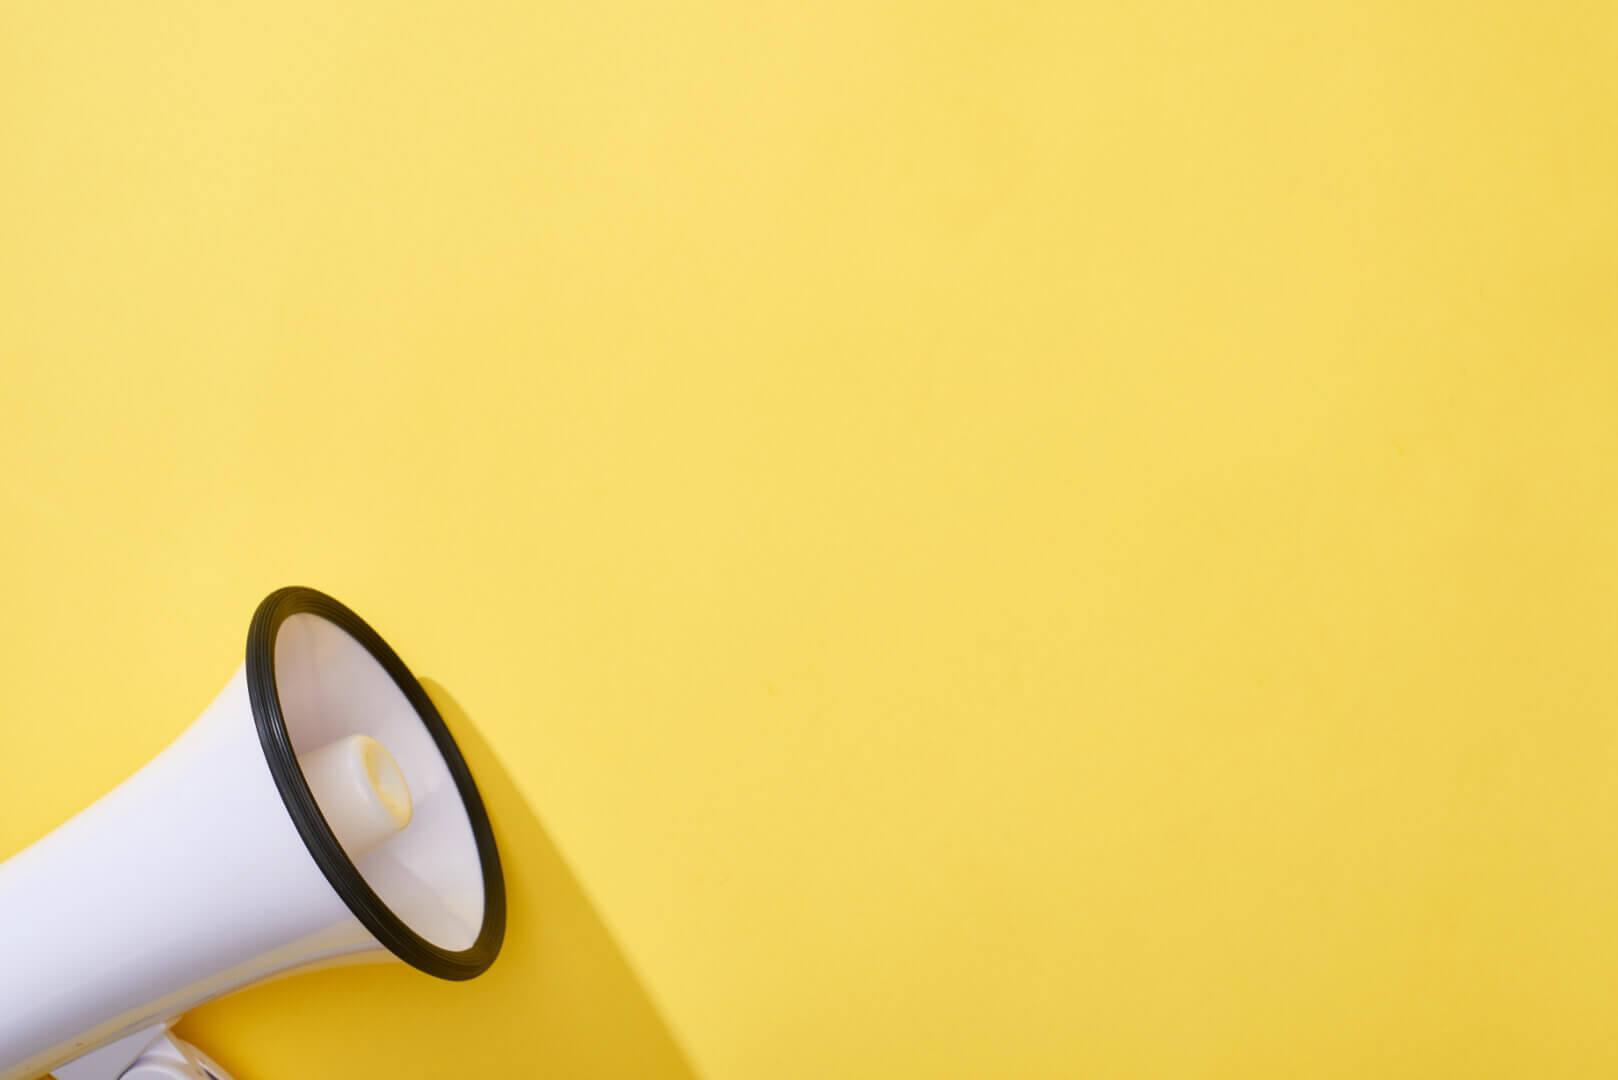 Tipos de campañas en Google Ads: ¿Cual se adapta más a tu negocio?